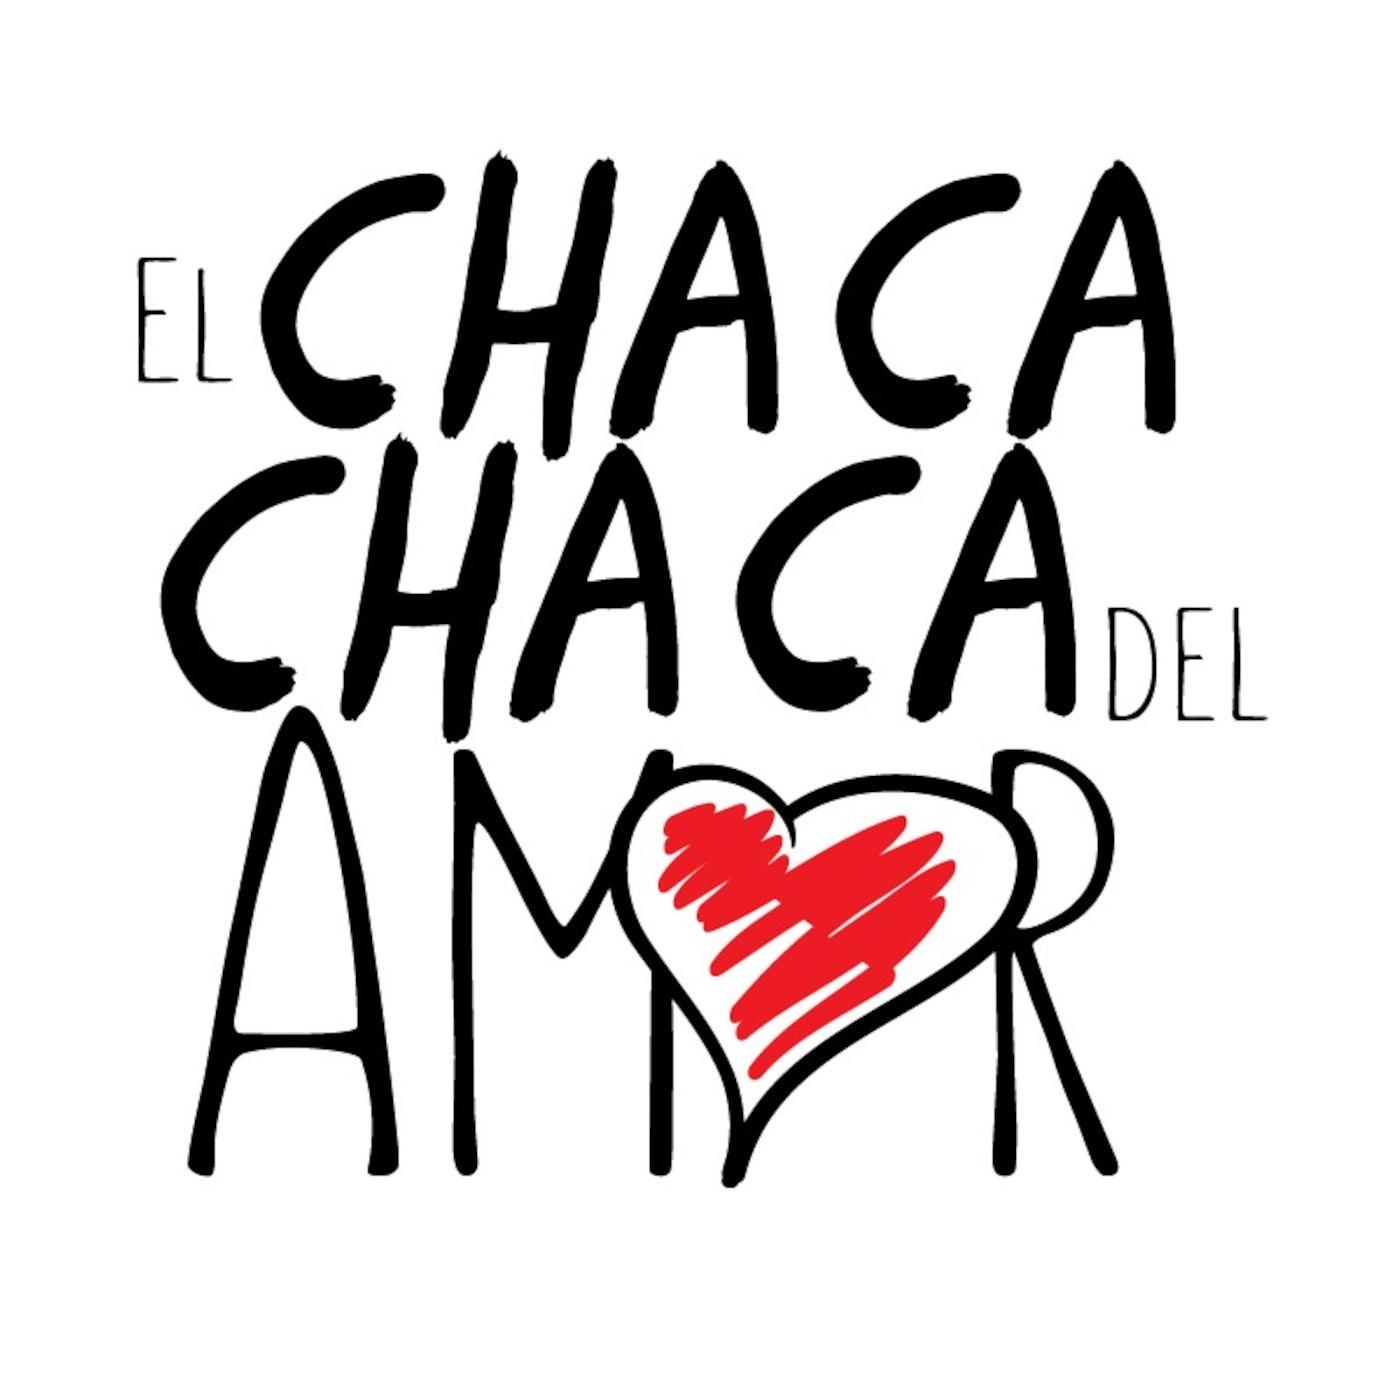 El Chaca Chaca del Amor